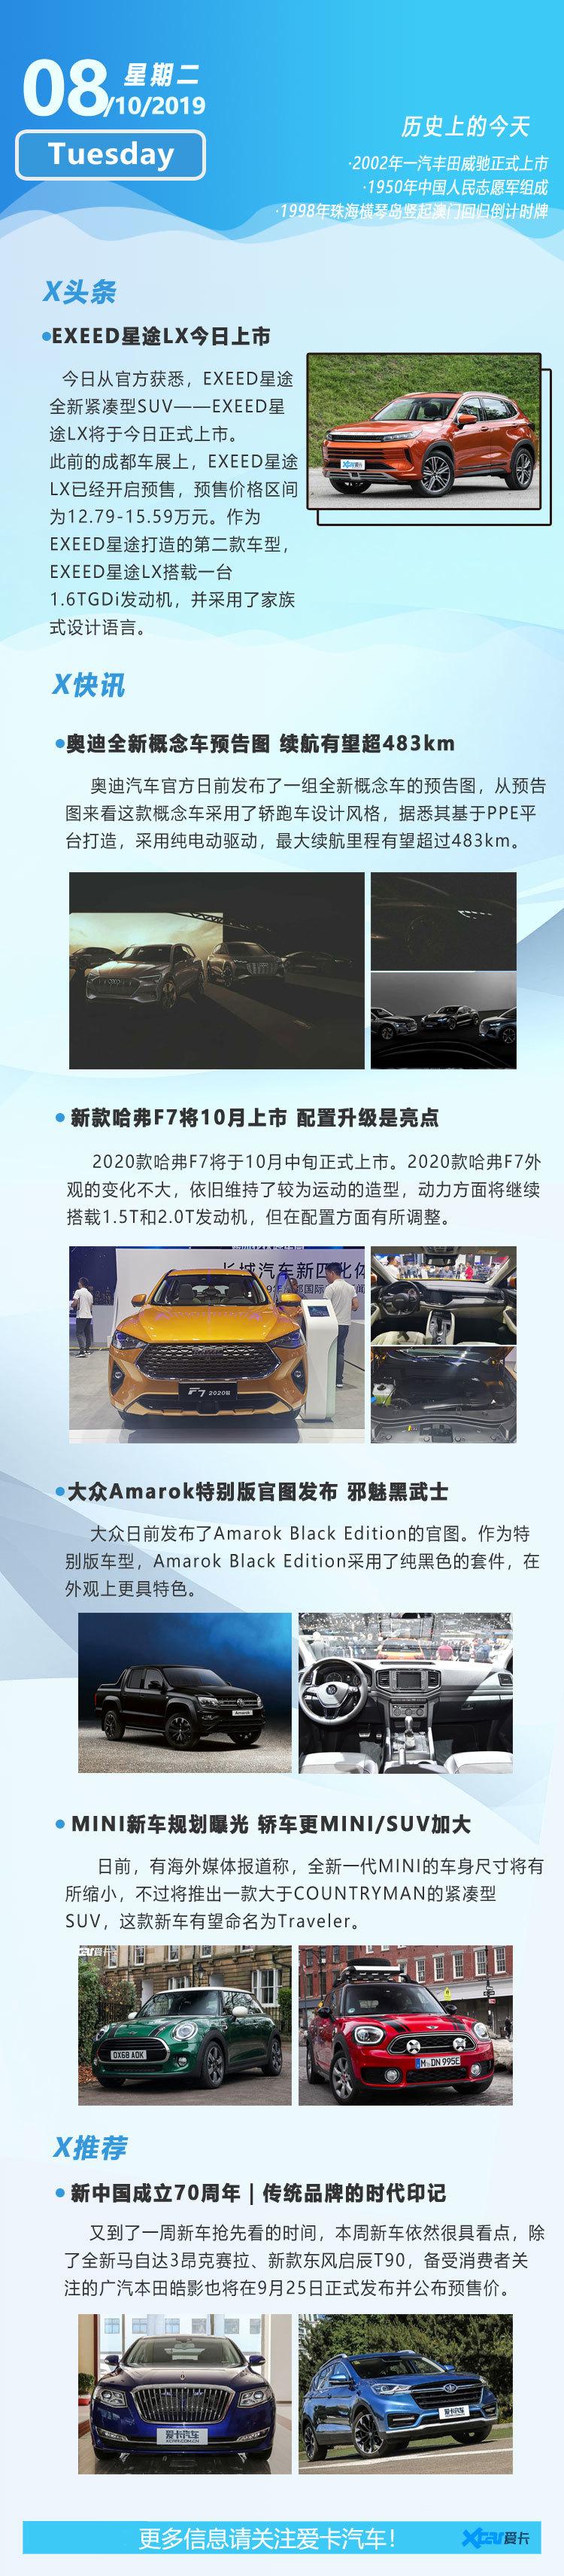 10月8日早报 奥迪全新概念车MINI规划